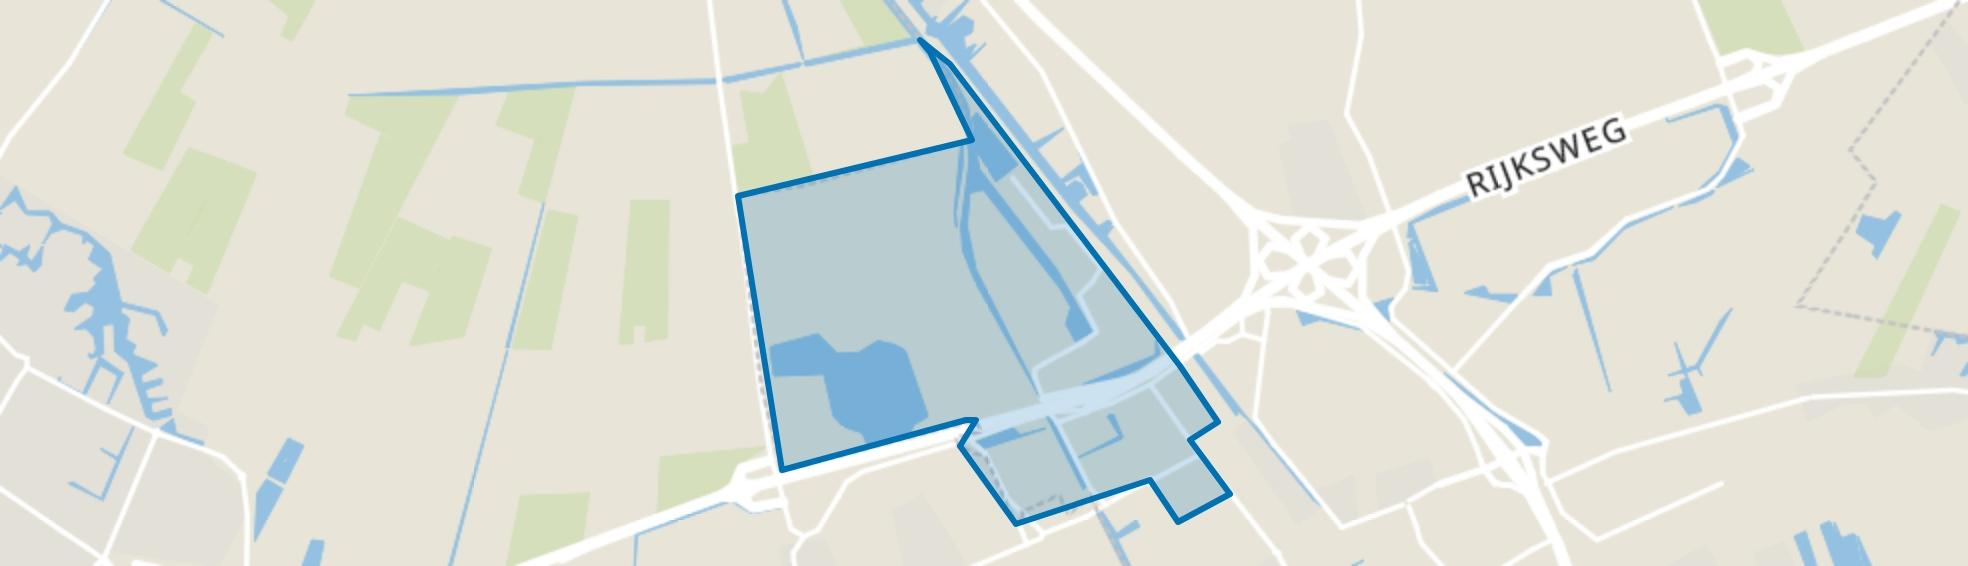 Haskerveen, Heerenveen map